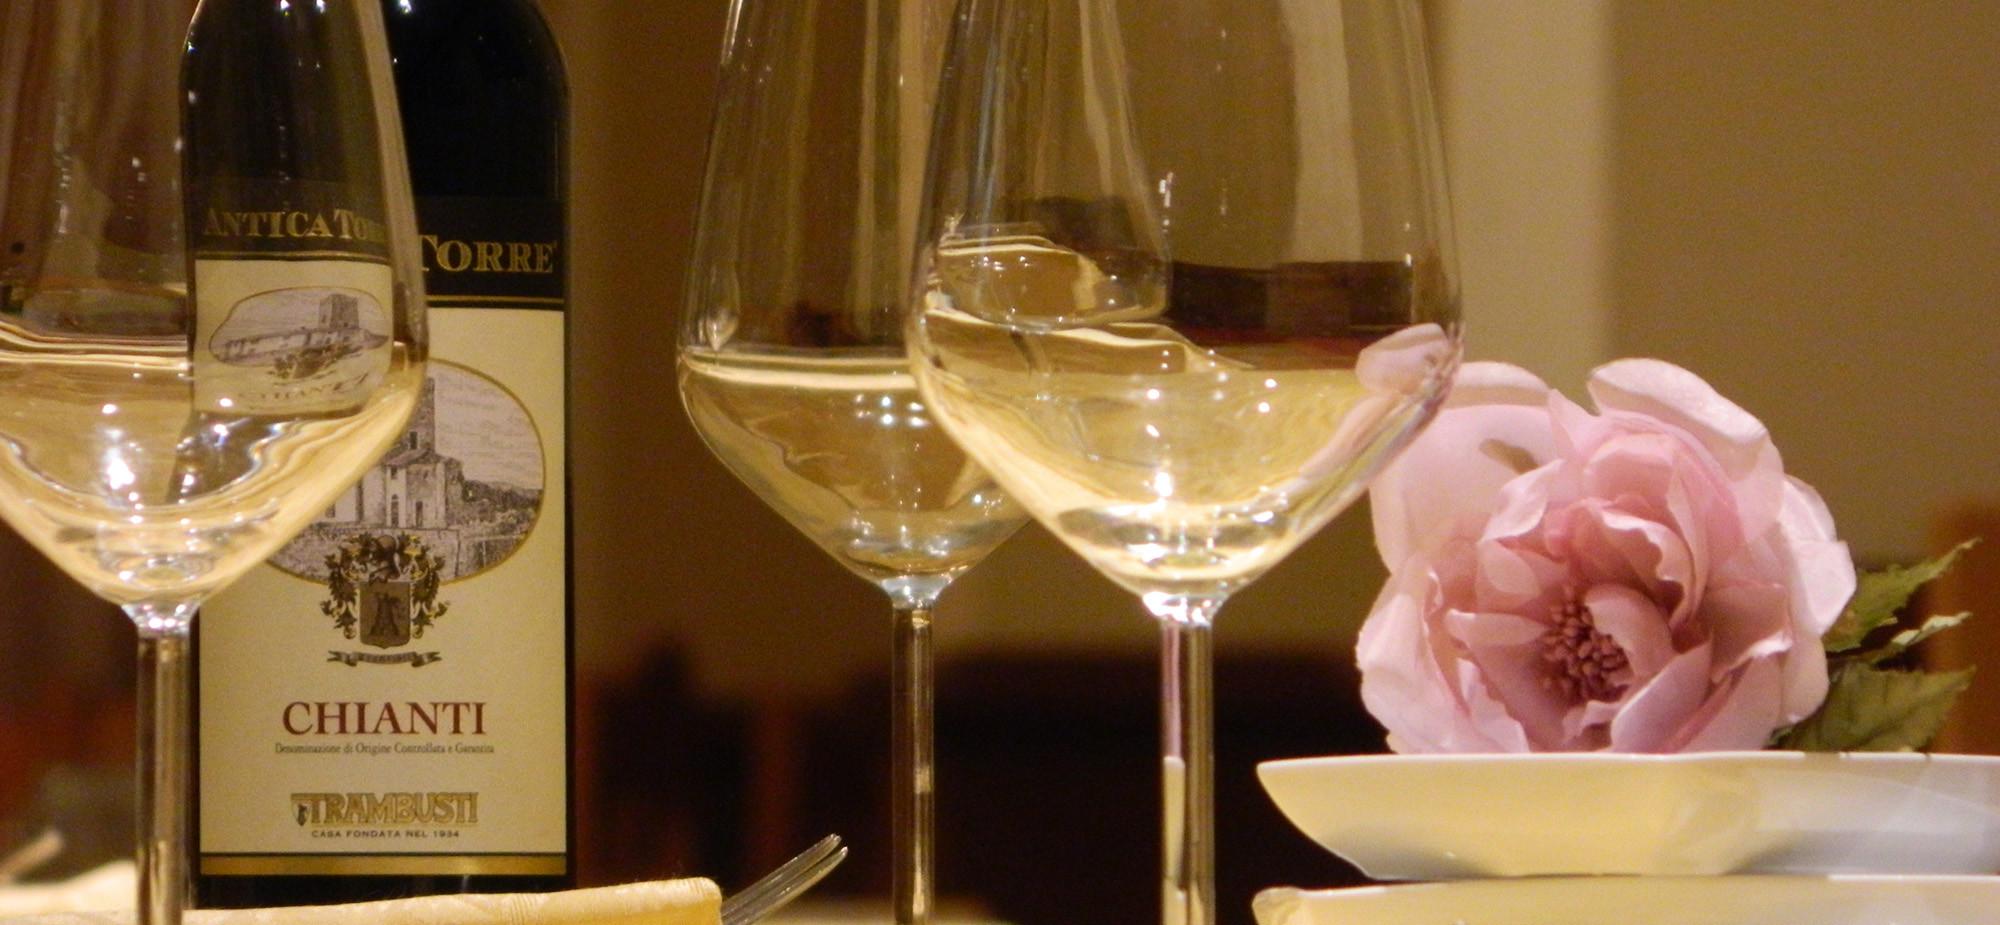 Ristorante La Mandragola - Chianti e Bicchieri